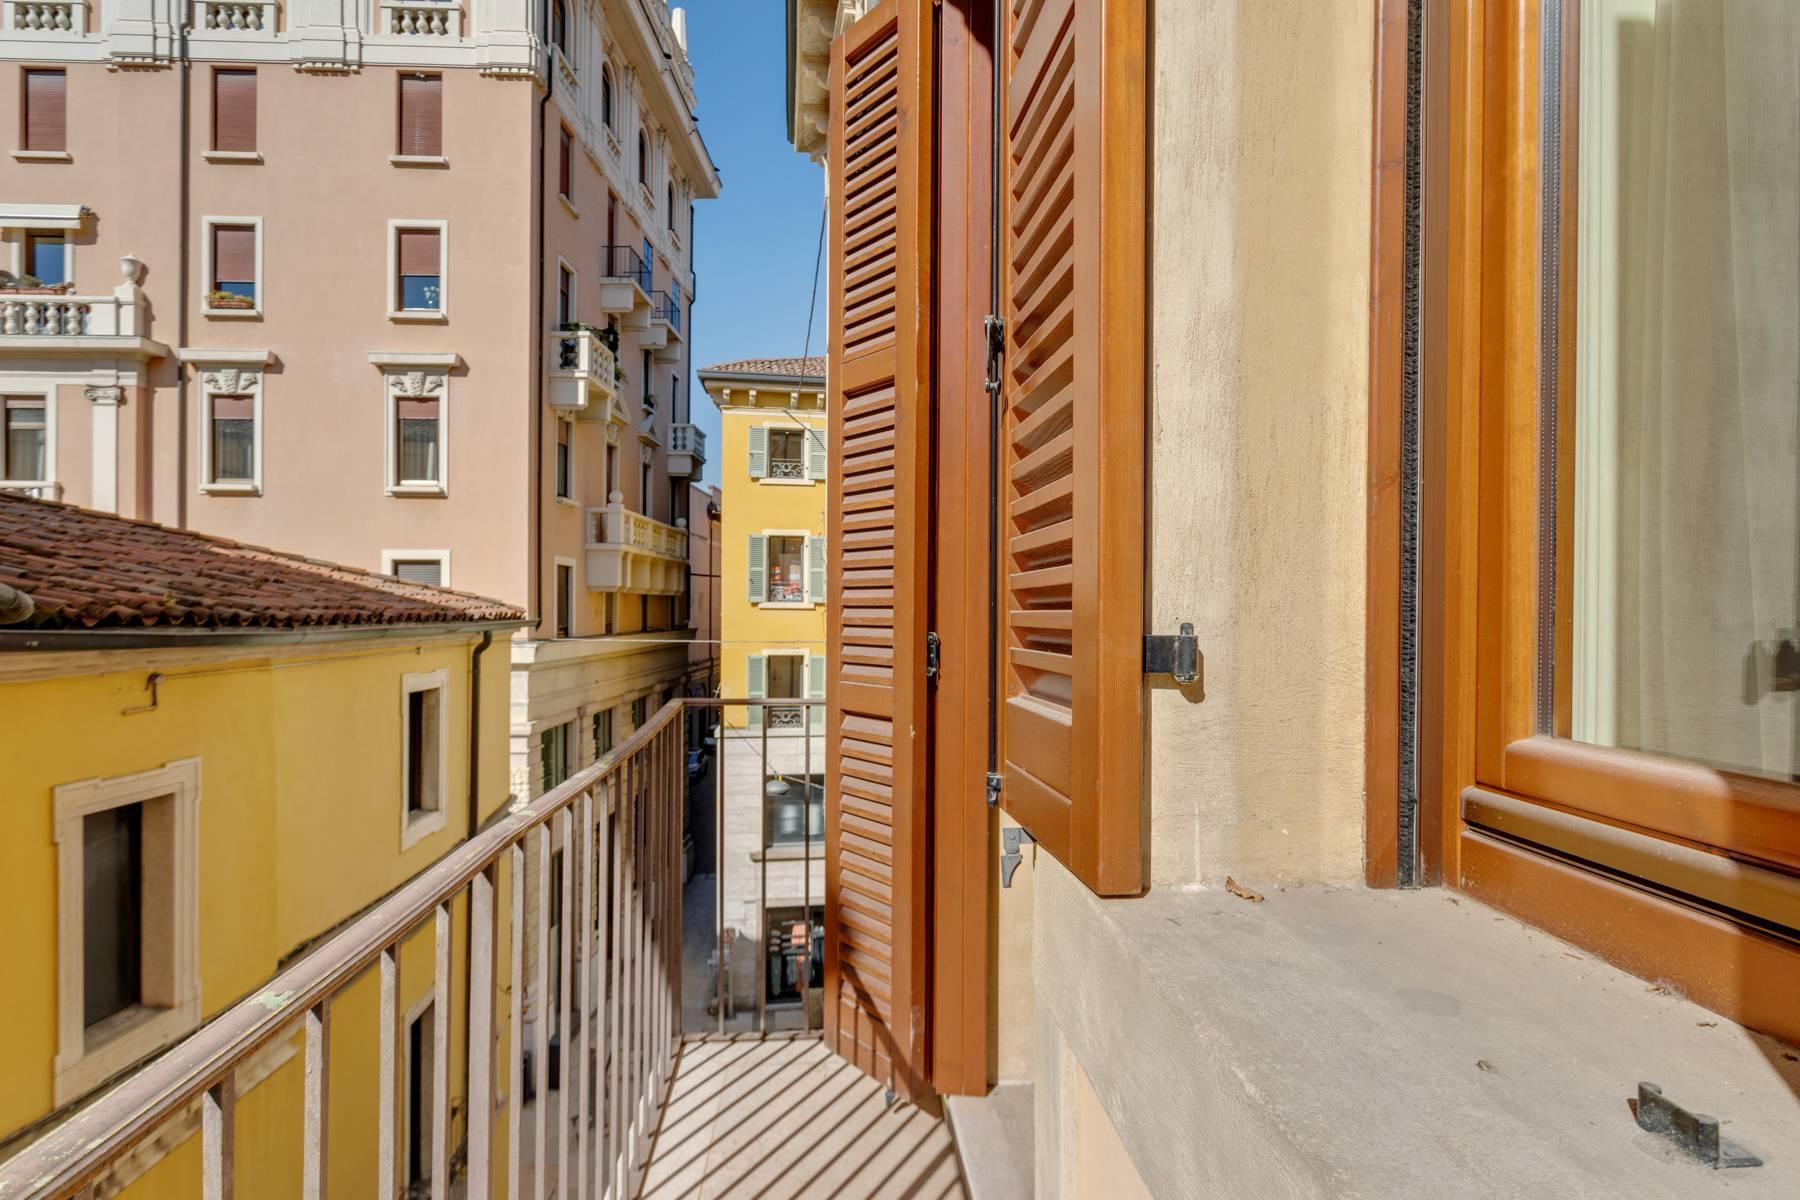 Appartamento in Vendita a Verona: 3 locali, 55 mq - Foto 16